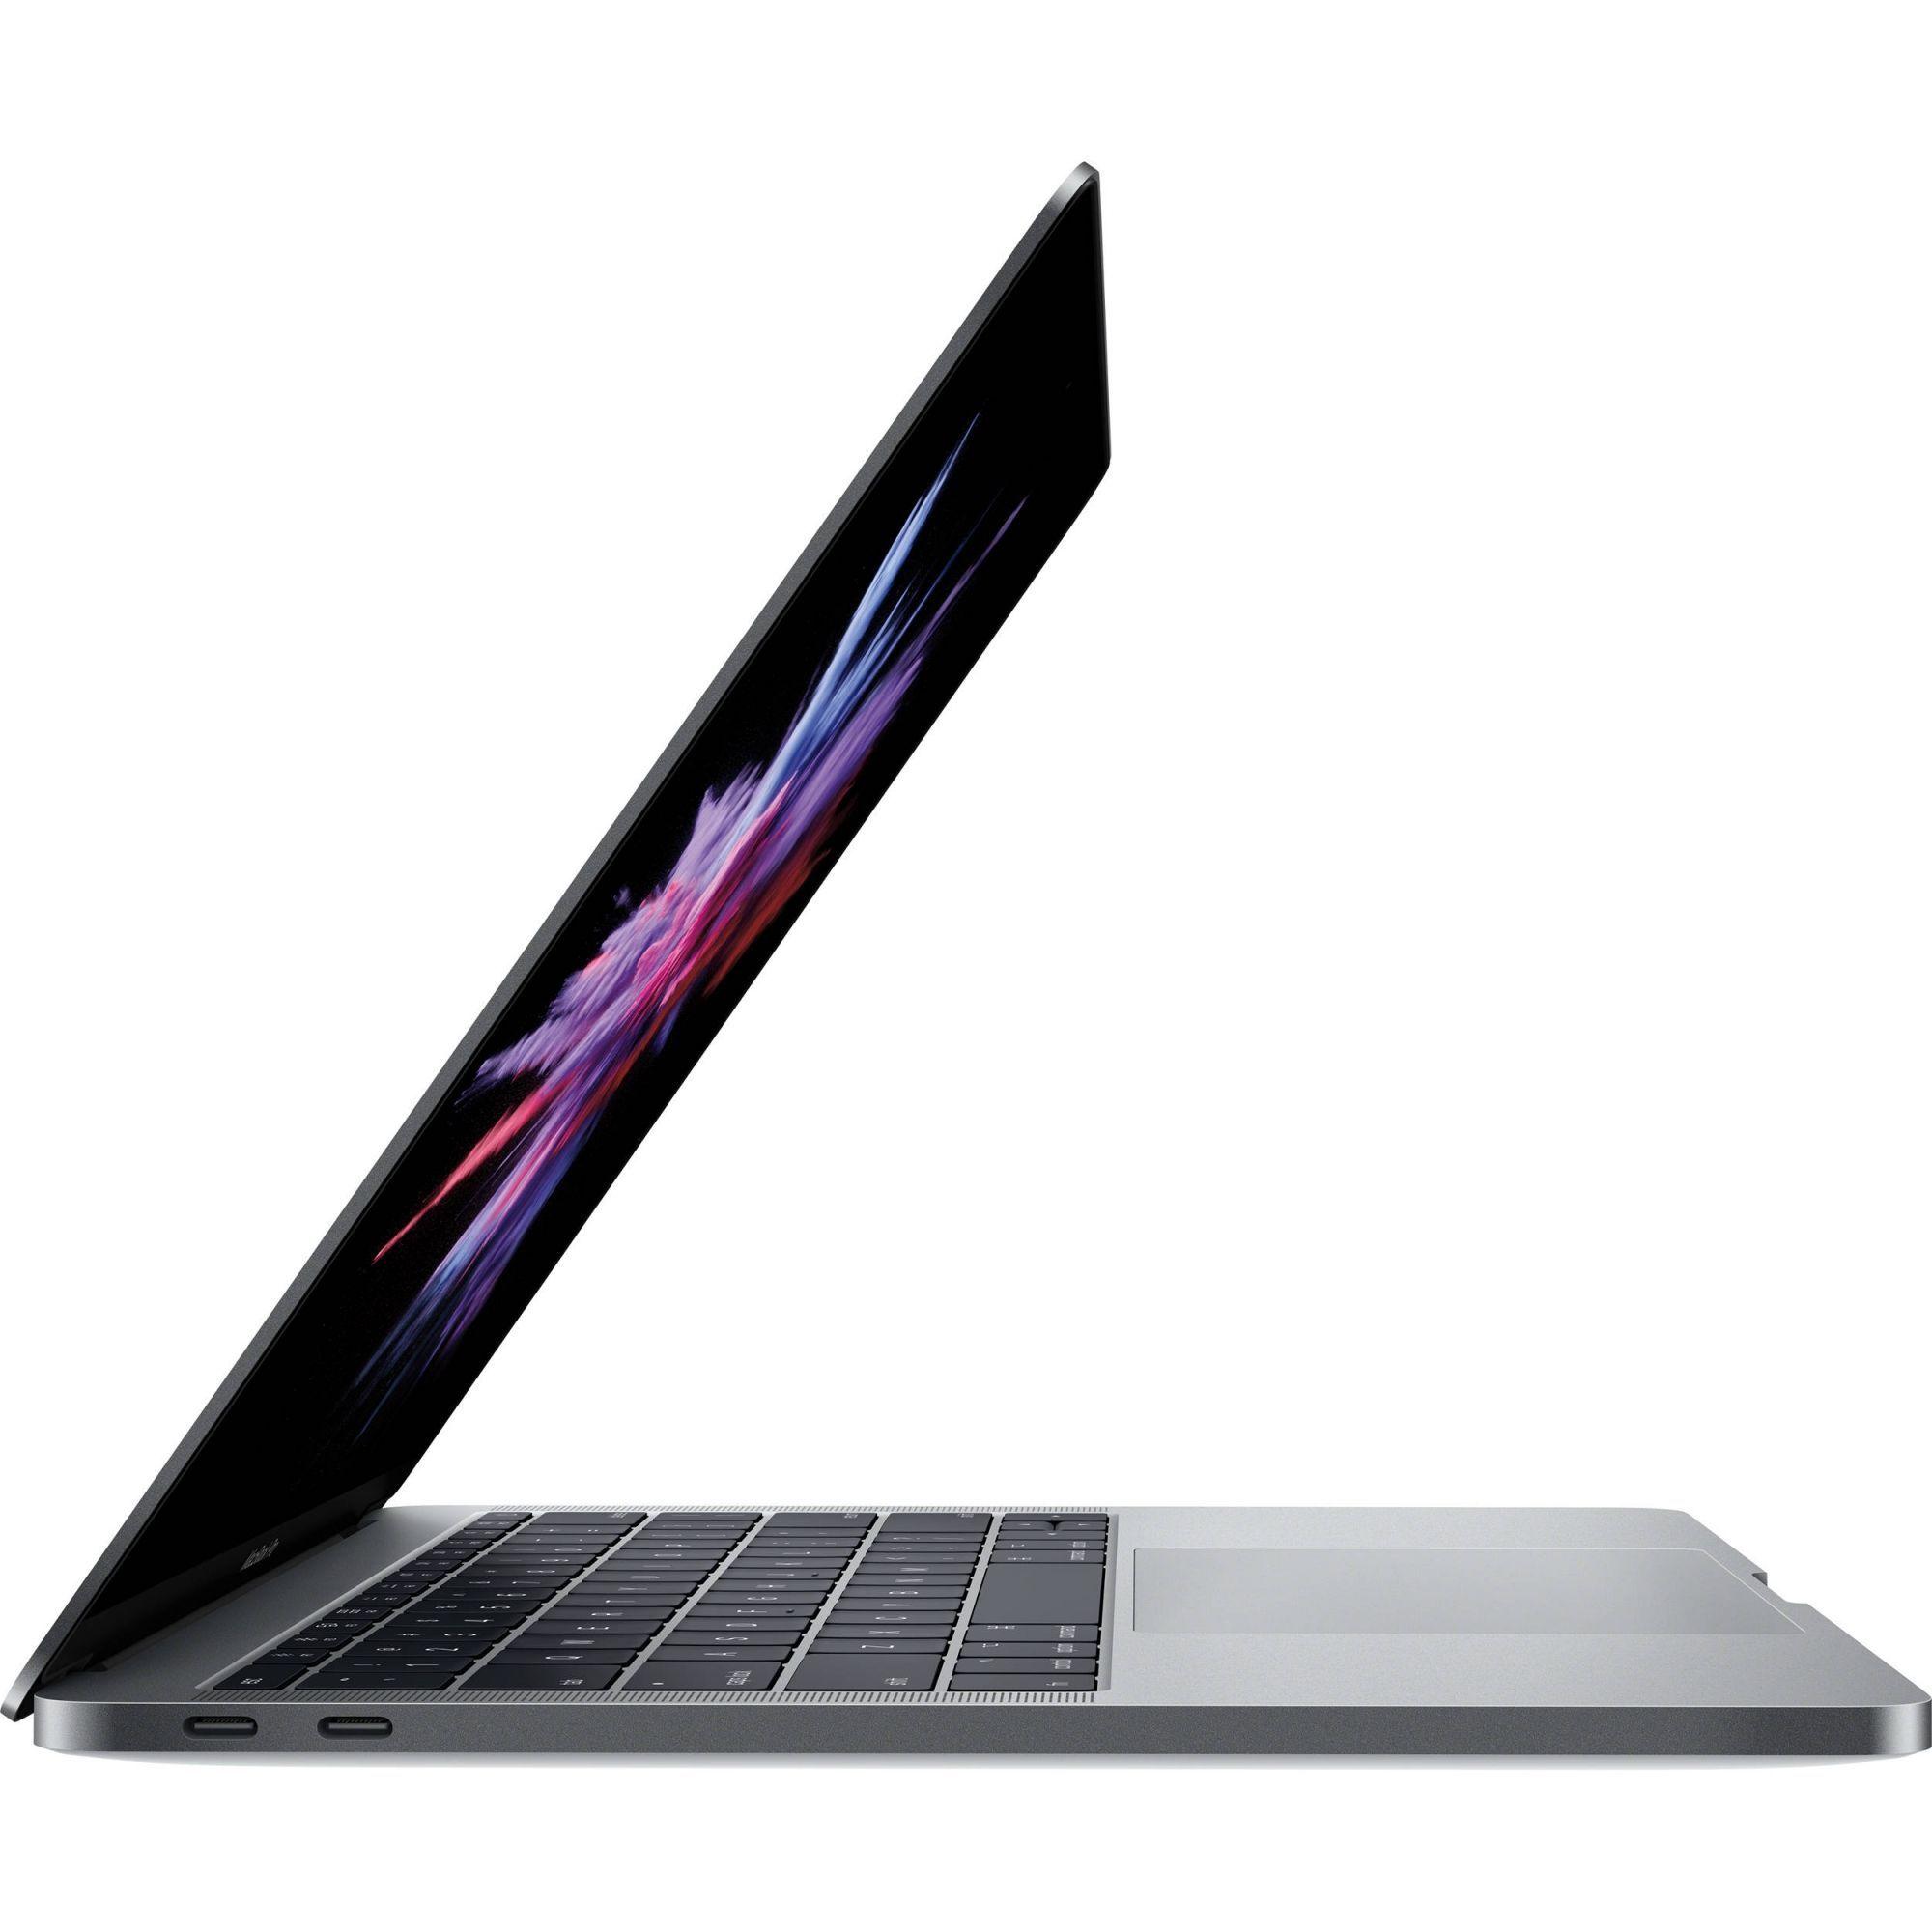 Macbook Pro 13 Silver I5 2.0Ghz 8gb 256gb Ssd Mll42ll/a Recertificado